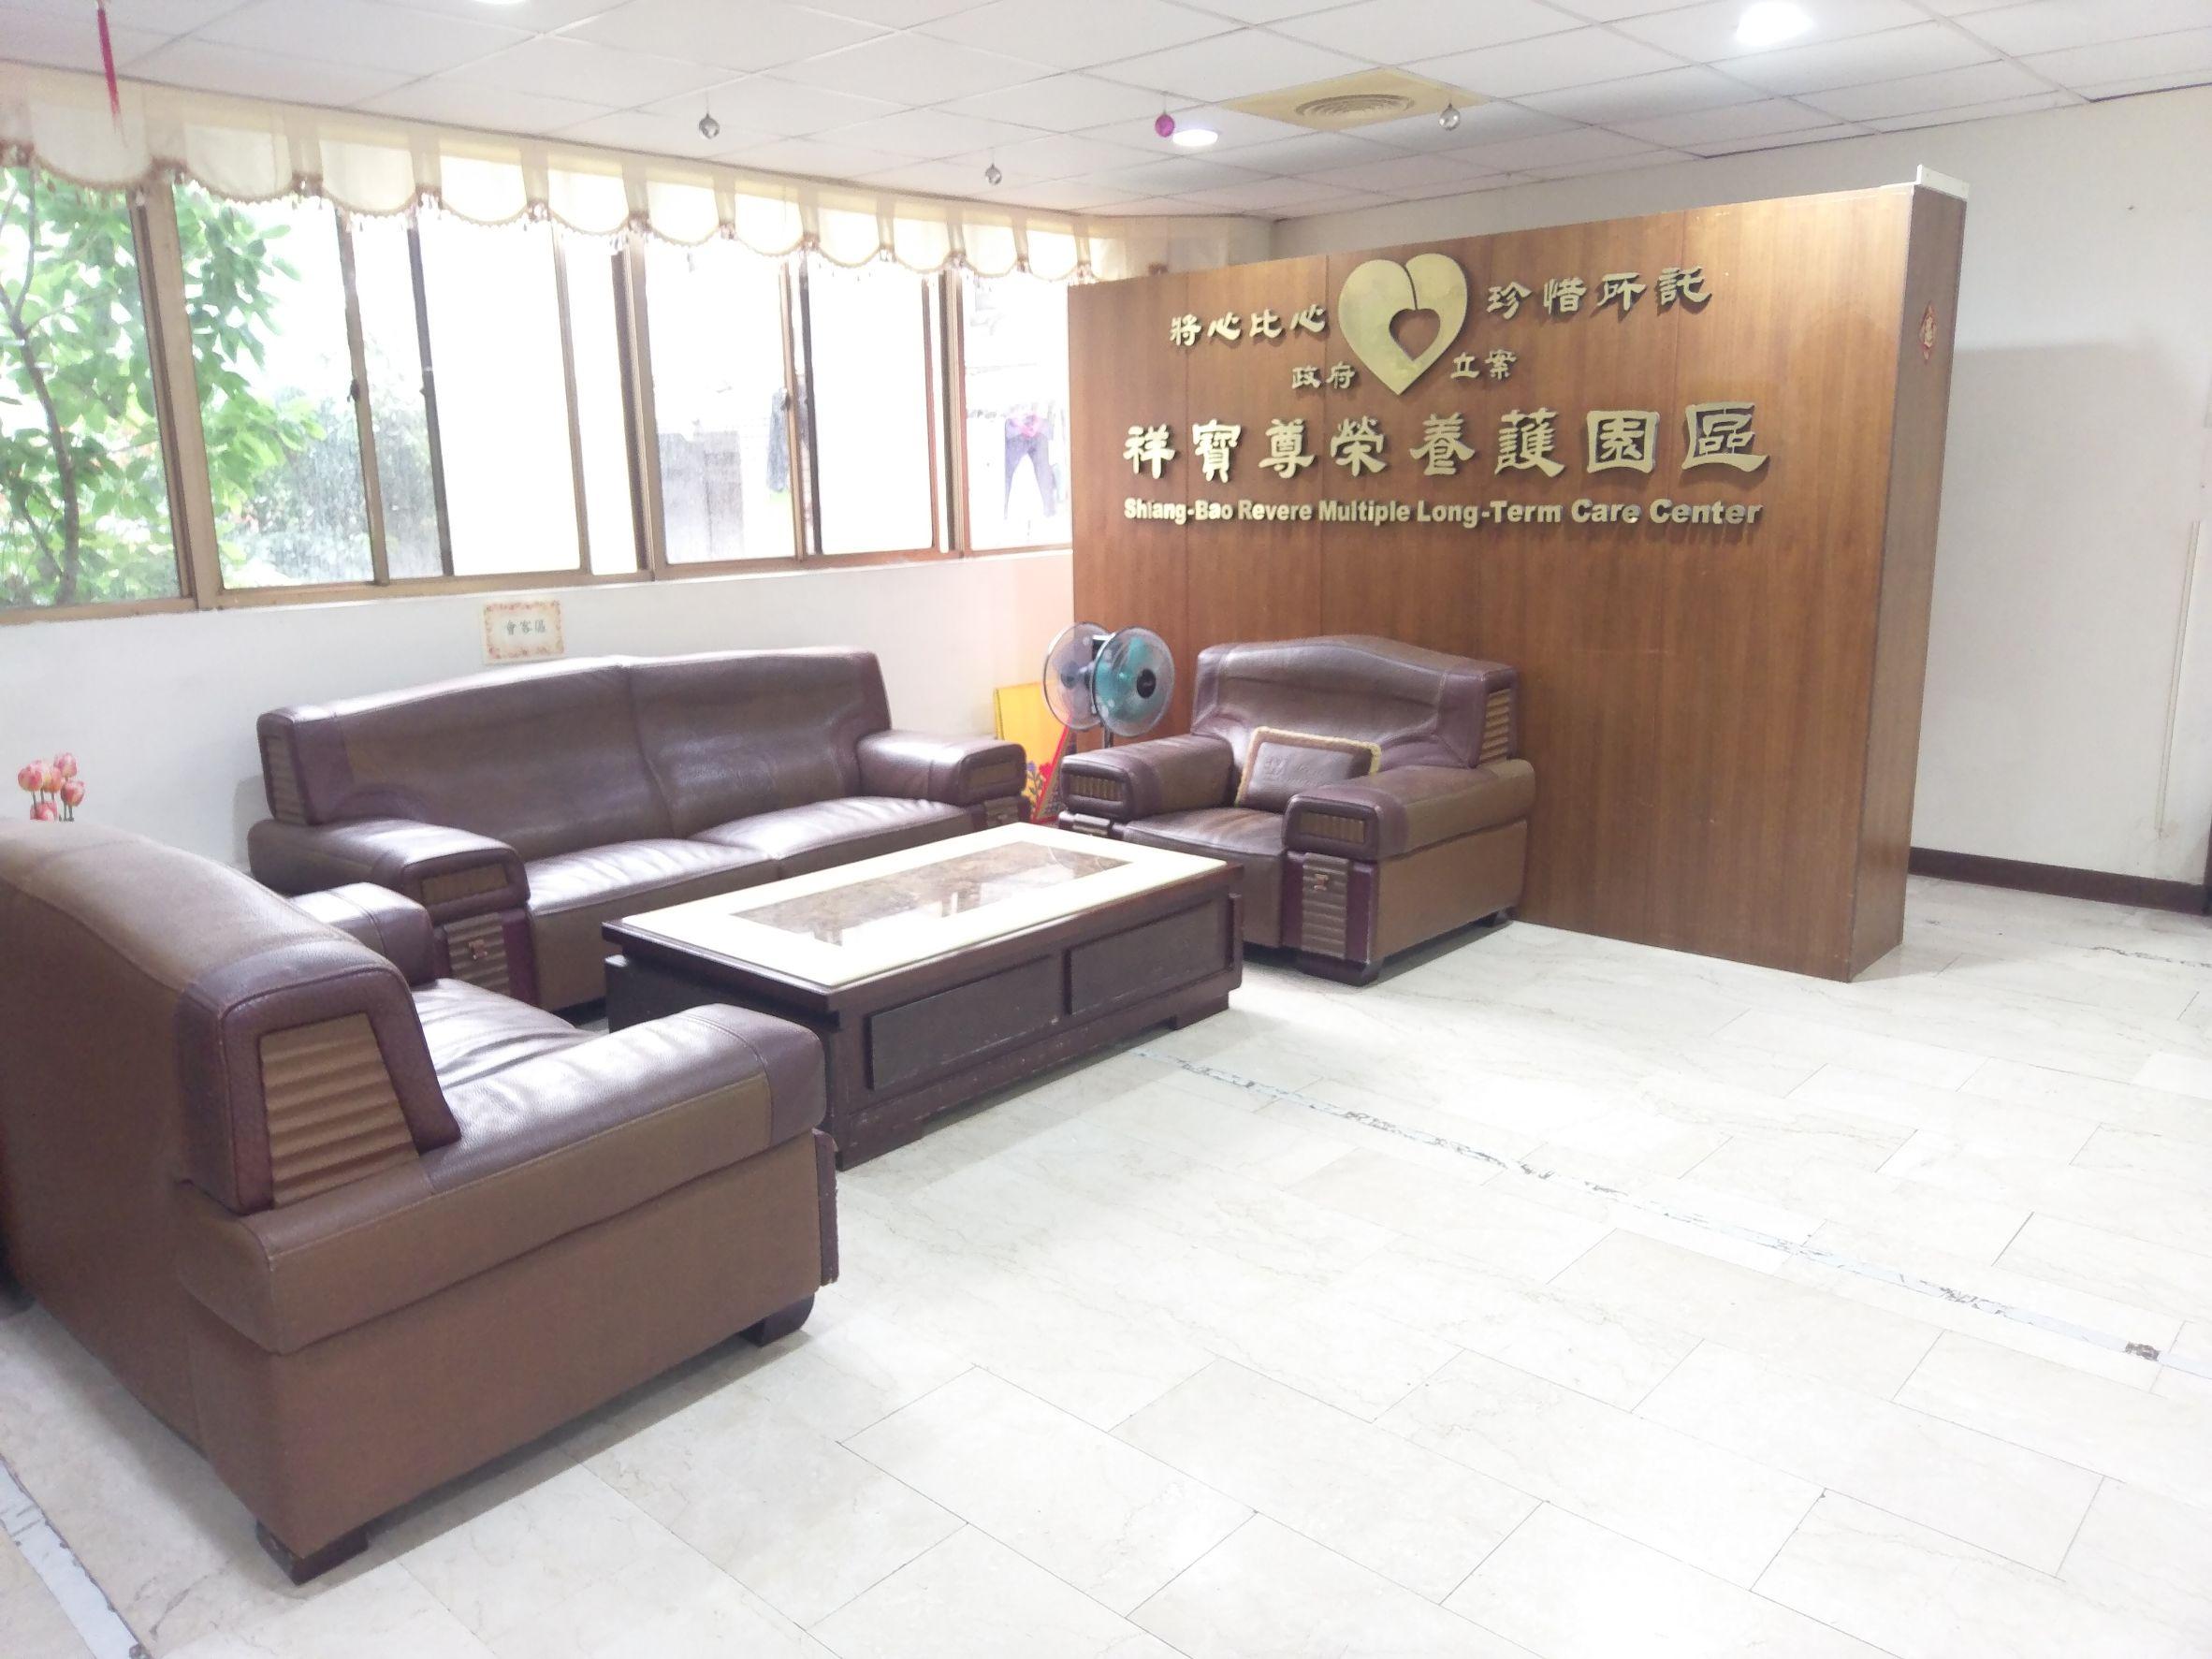 新北市私立祥弘老人養護中心